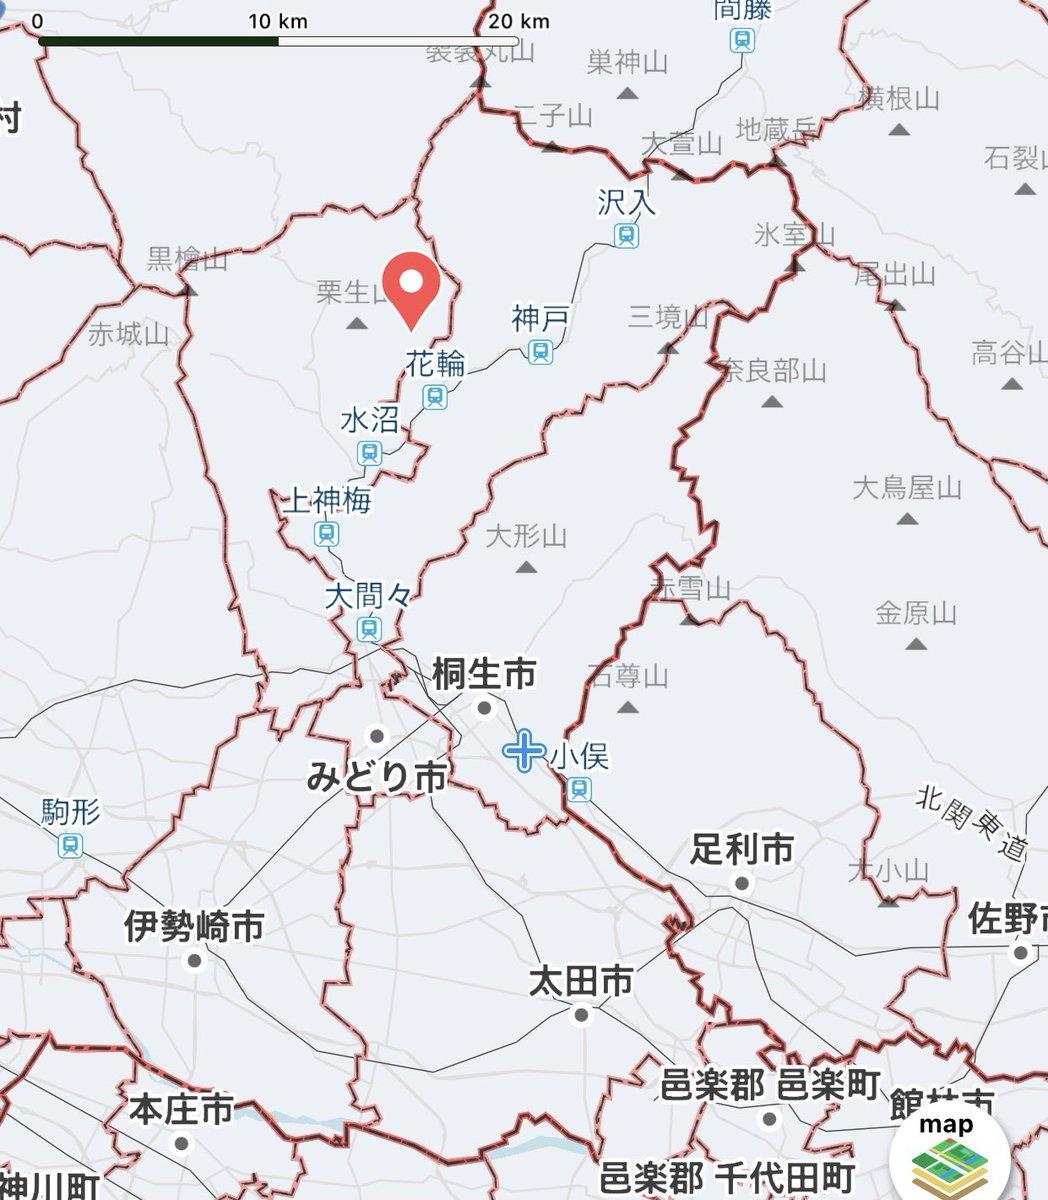 火事 桐生 山 群馬県で山火事、24世帯に避難勧告 栃木県境近く